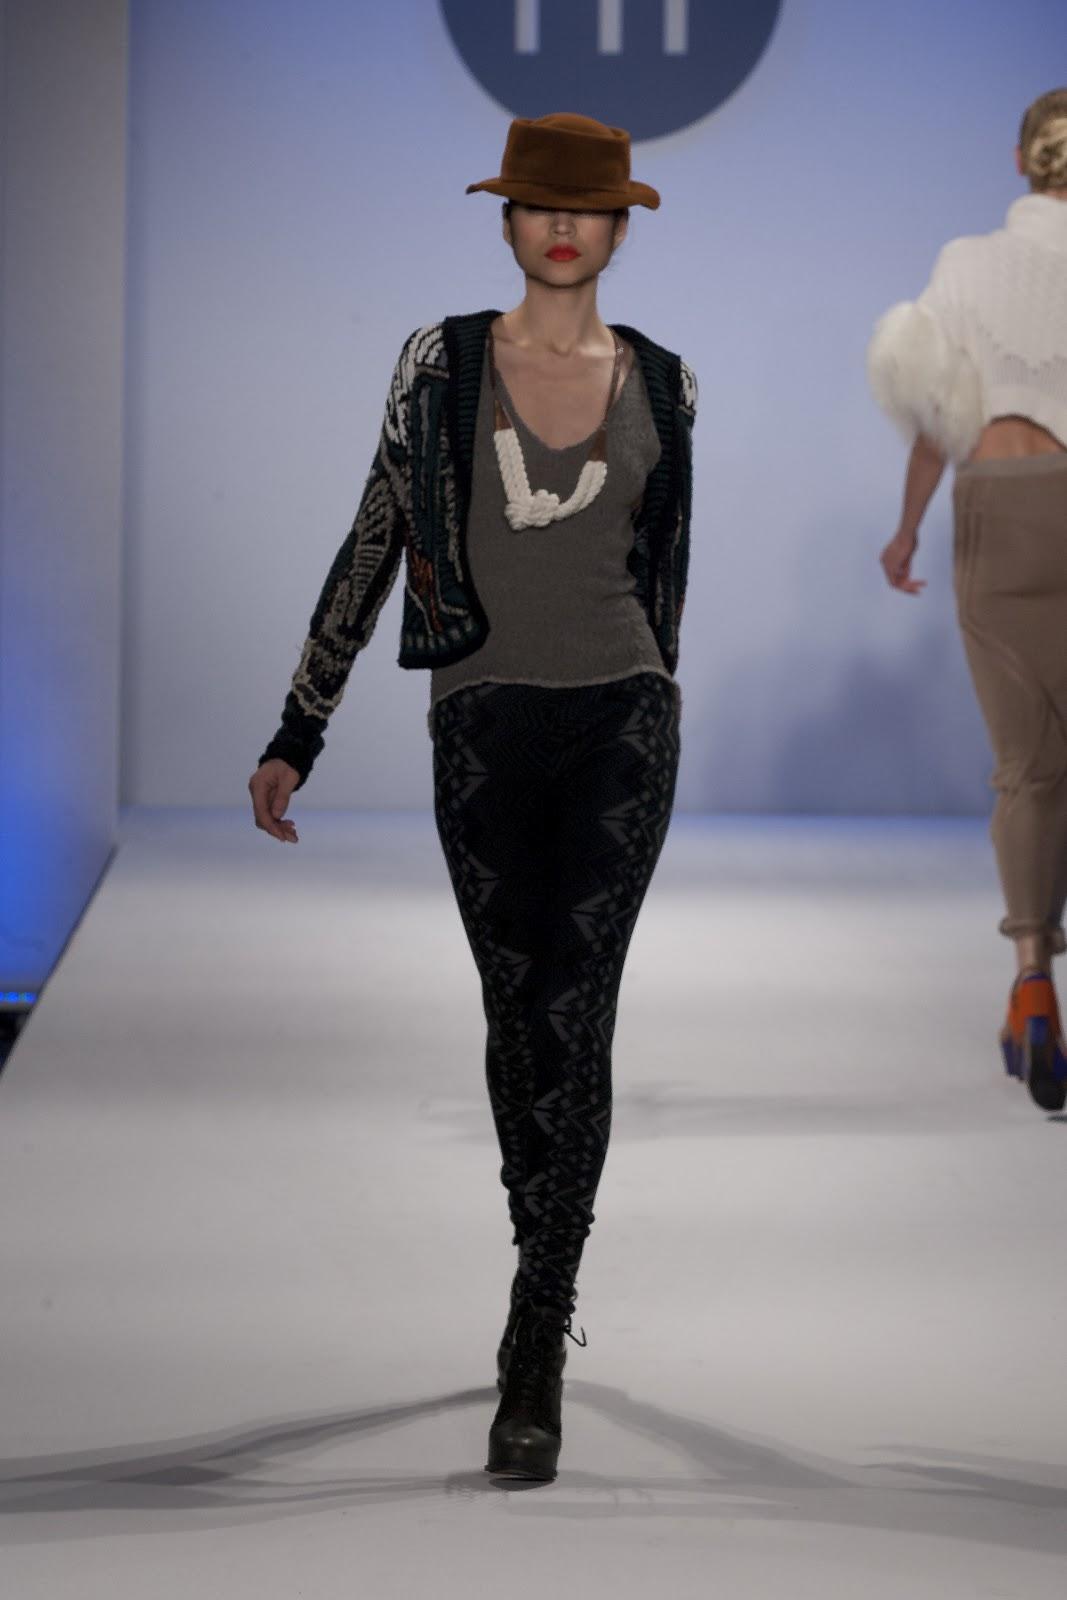 http://3.bp.blogspot.com/-X77kp84FTGI/T62o5sQzHuI/AAAAAAAACC4/wrO_F38_a6c/s1600/10-Whitney-Bender-knit-knitwear-fashion-20120502_GradFashion_01_033.jpg